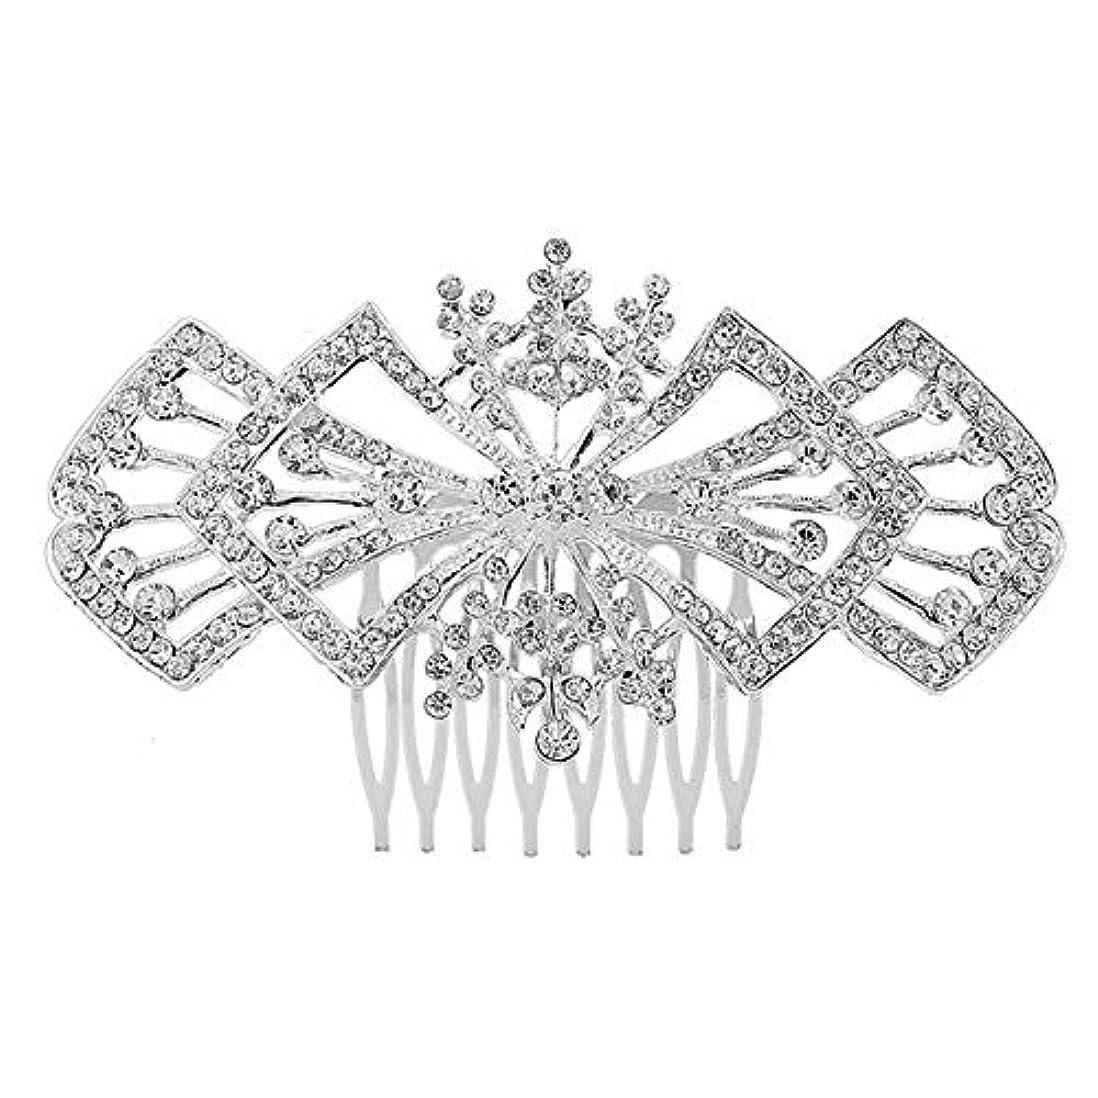 教えるただやる維持髪の櫛の櫛の櫛の花嫁の髪の櫛の花の髪の櫛のラインストーンの挿入物の櫛の合金の帽子の結婚式の宝石類